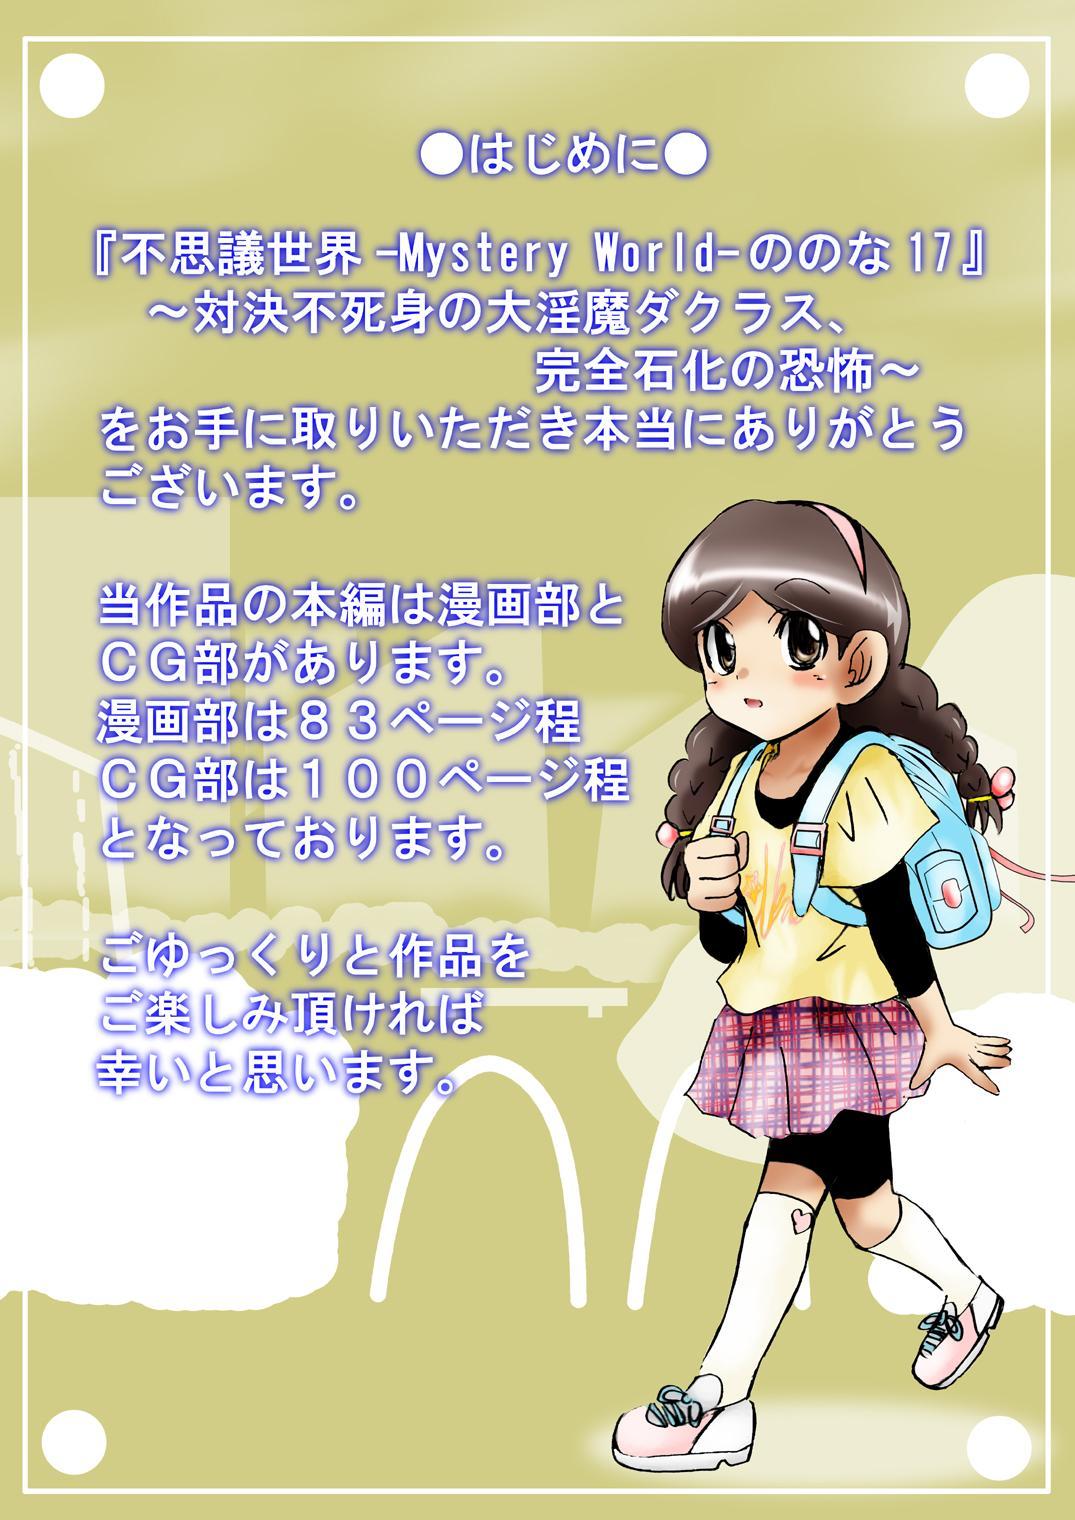 [Dende] Fushigi Sekai -Mystery World- no Nona 17 ~ Taiketsu Fujimi no Dai Inma Dakurasu, Kanzen Sekka no Kyoufu 6